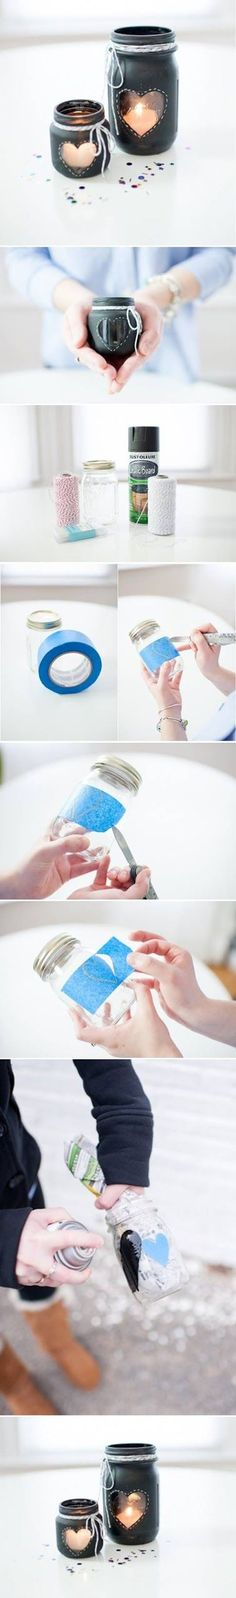 Este rápido tutorial que encontramos no Pinterest mostra como é fácil transformar potes de vidro em suportes para vela.